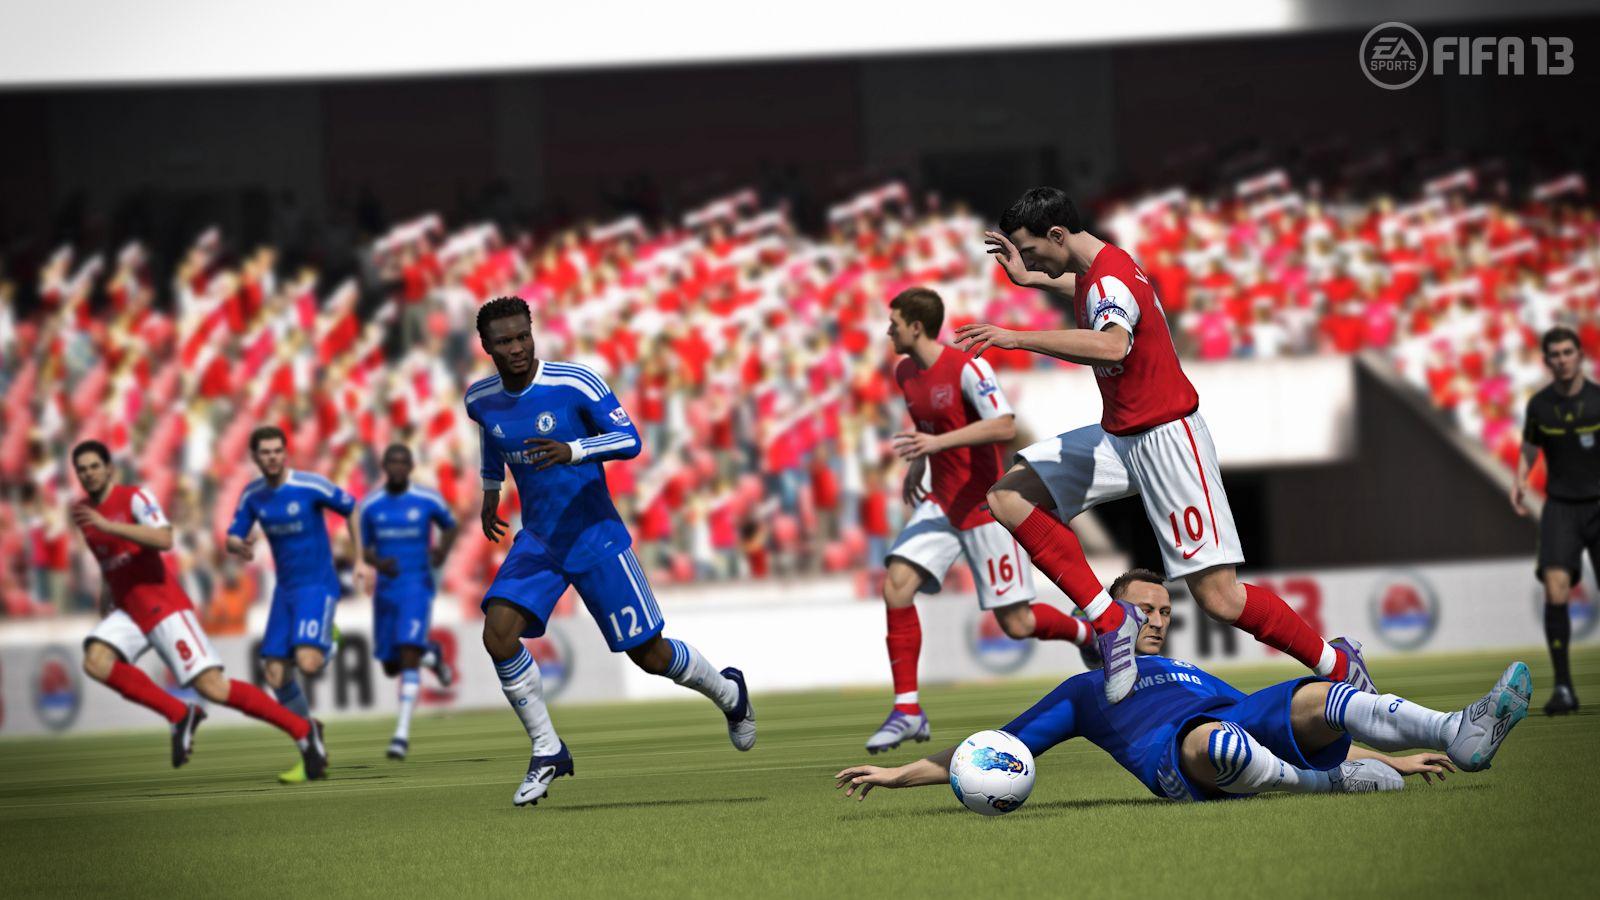 Nové obrázky z FIFA 13 65153